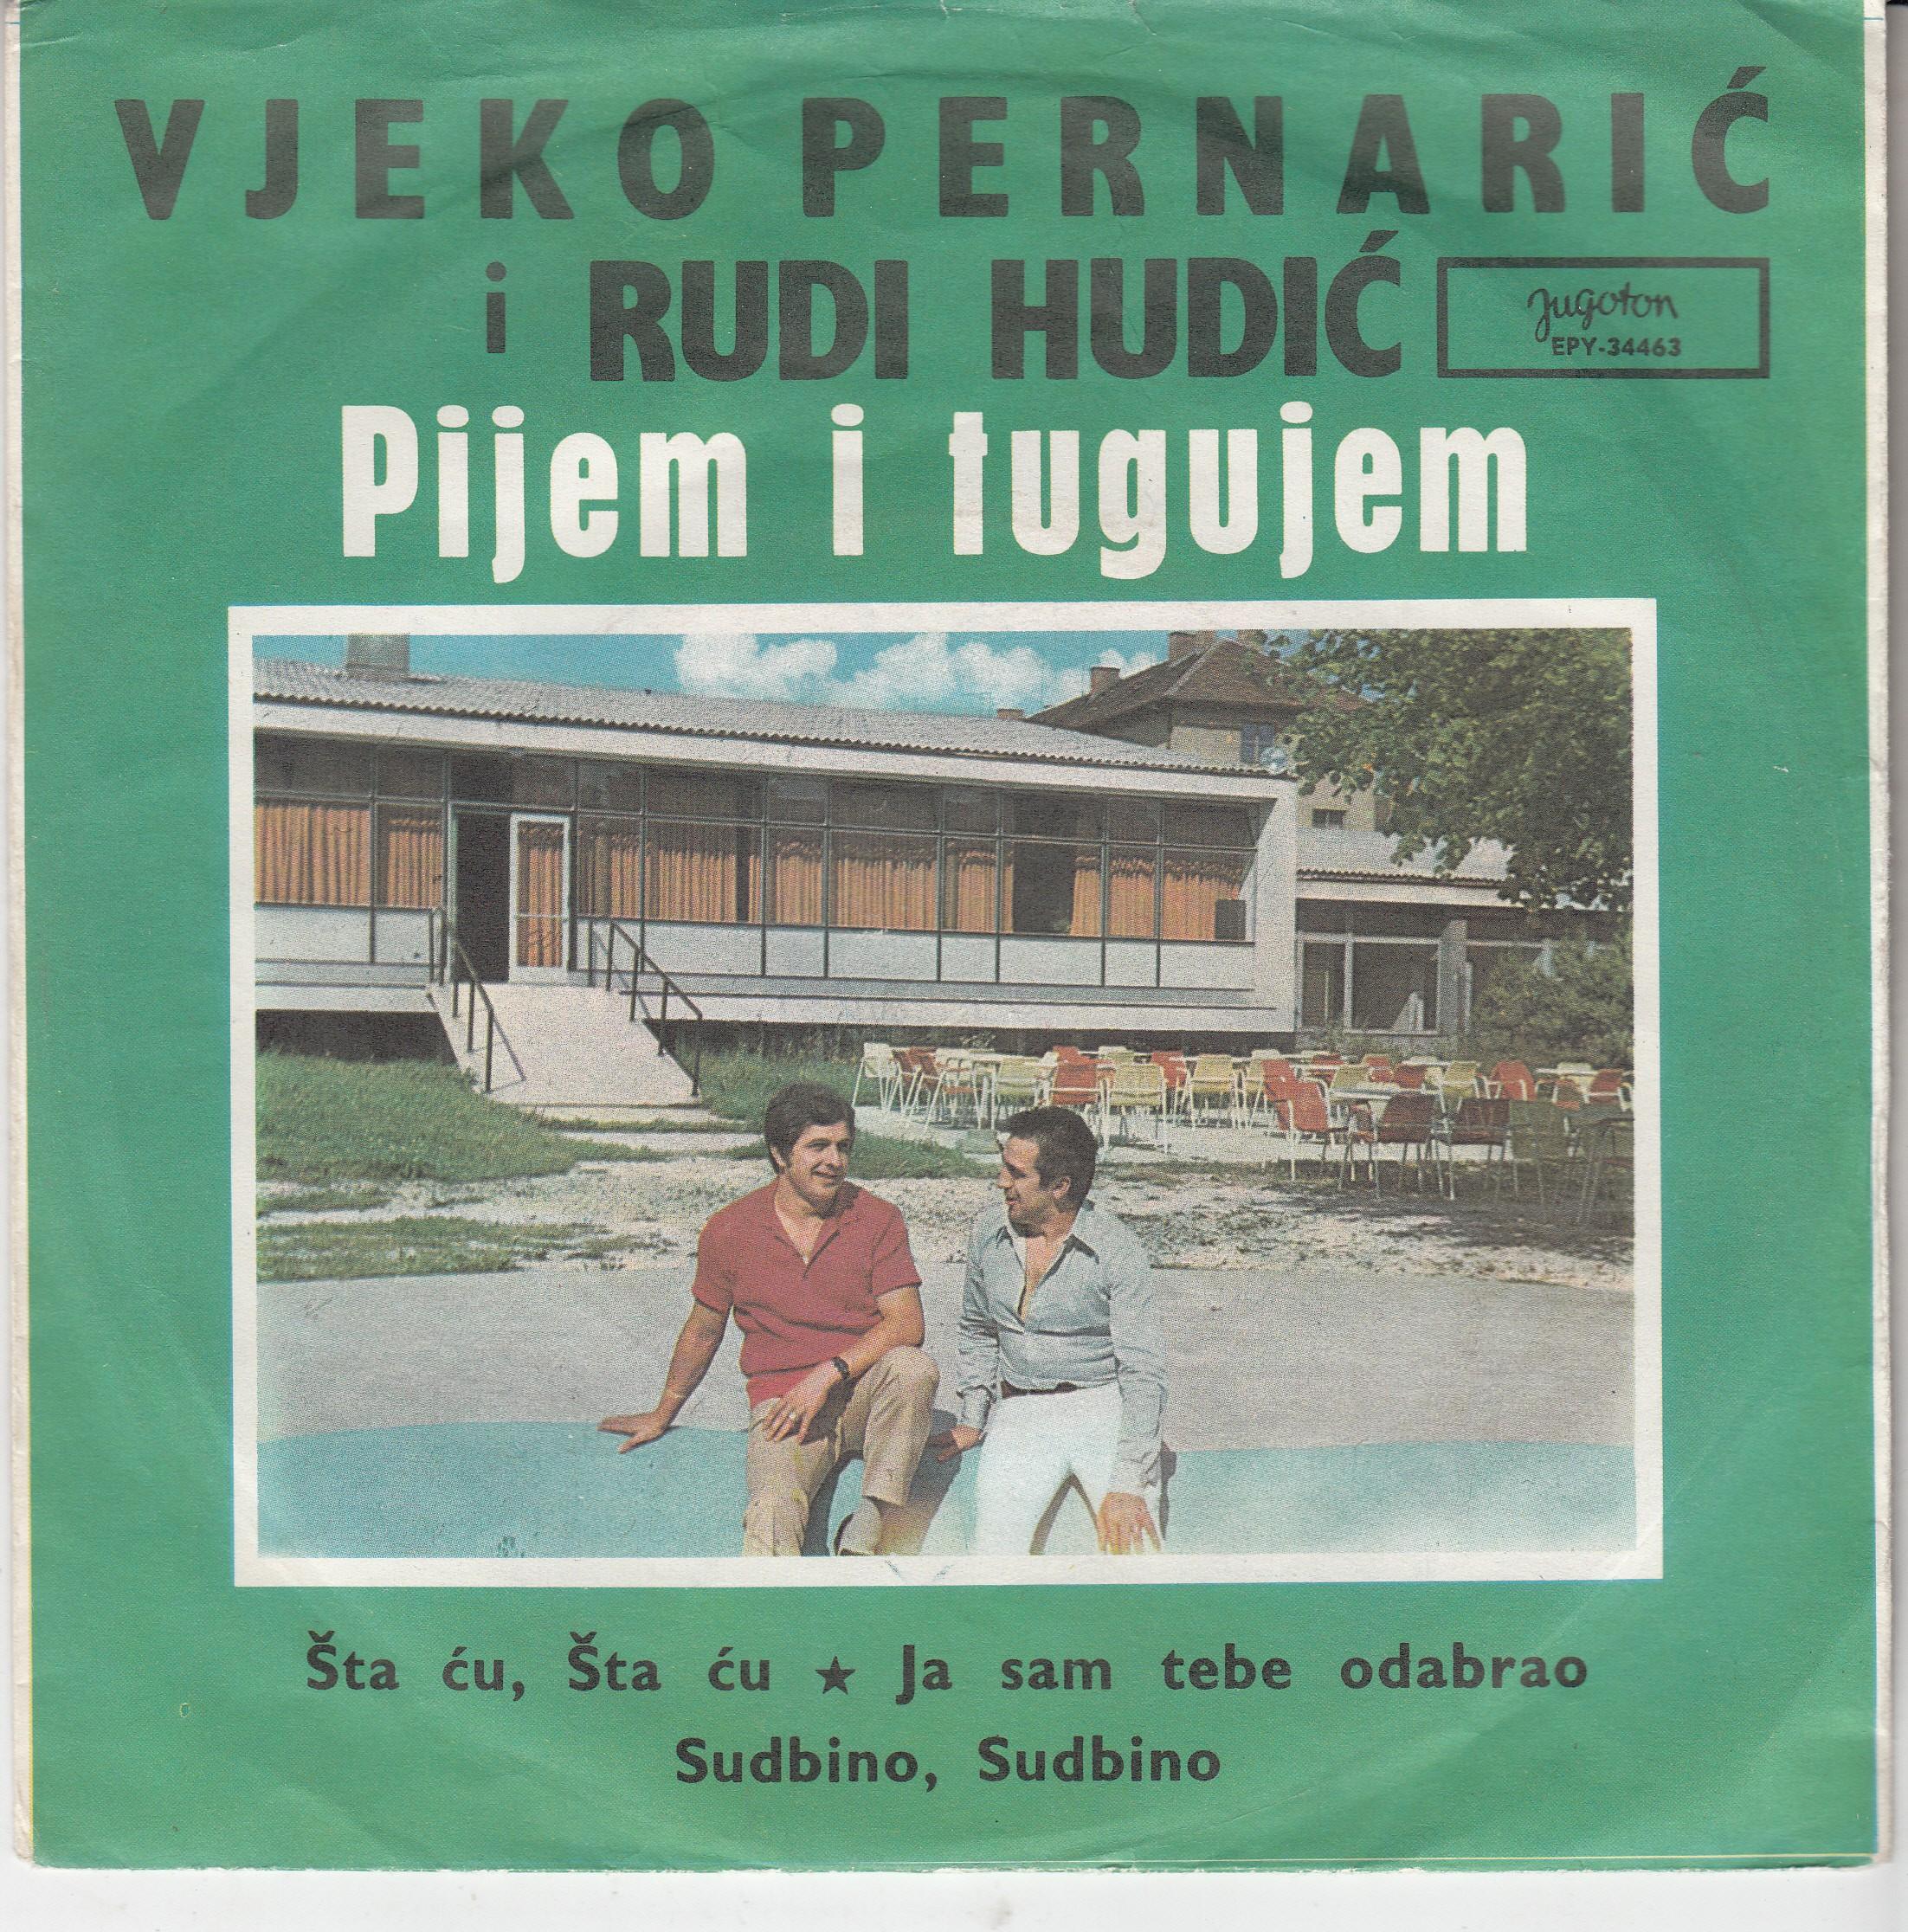 Pernaric Vjeko Rudi Hudic - Pijem I Tugujem/sta Cu Sta Cu/ja Sam Tebe Odabrao/sudbino Sudbino